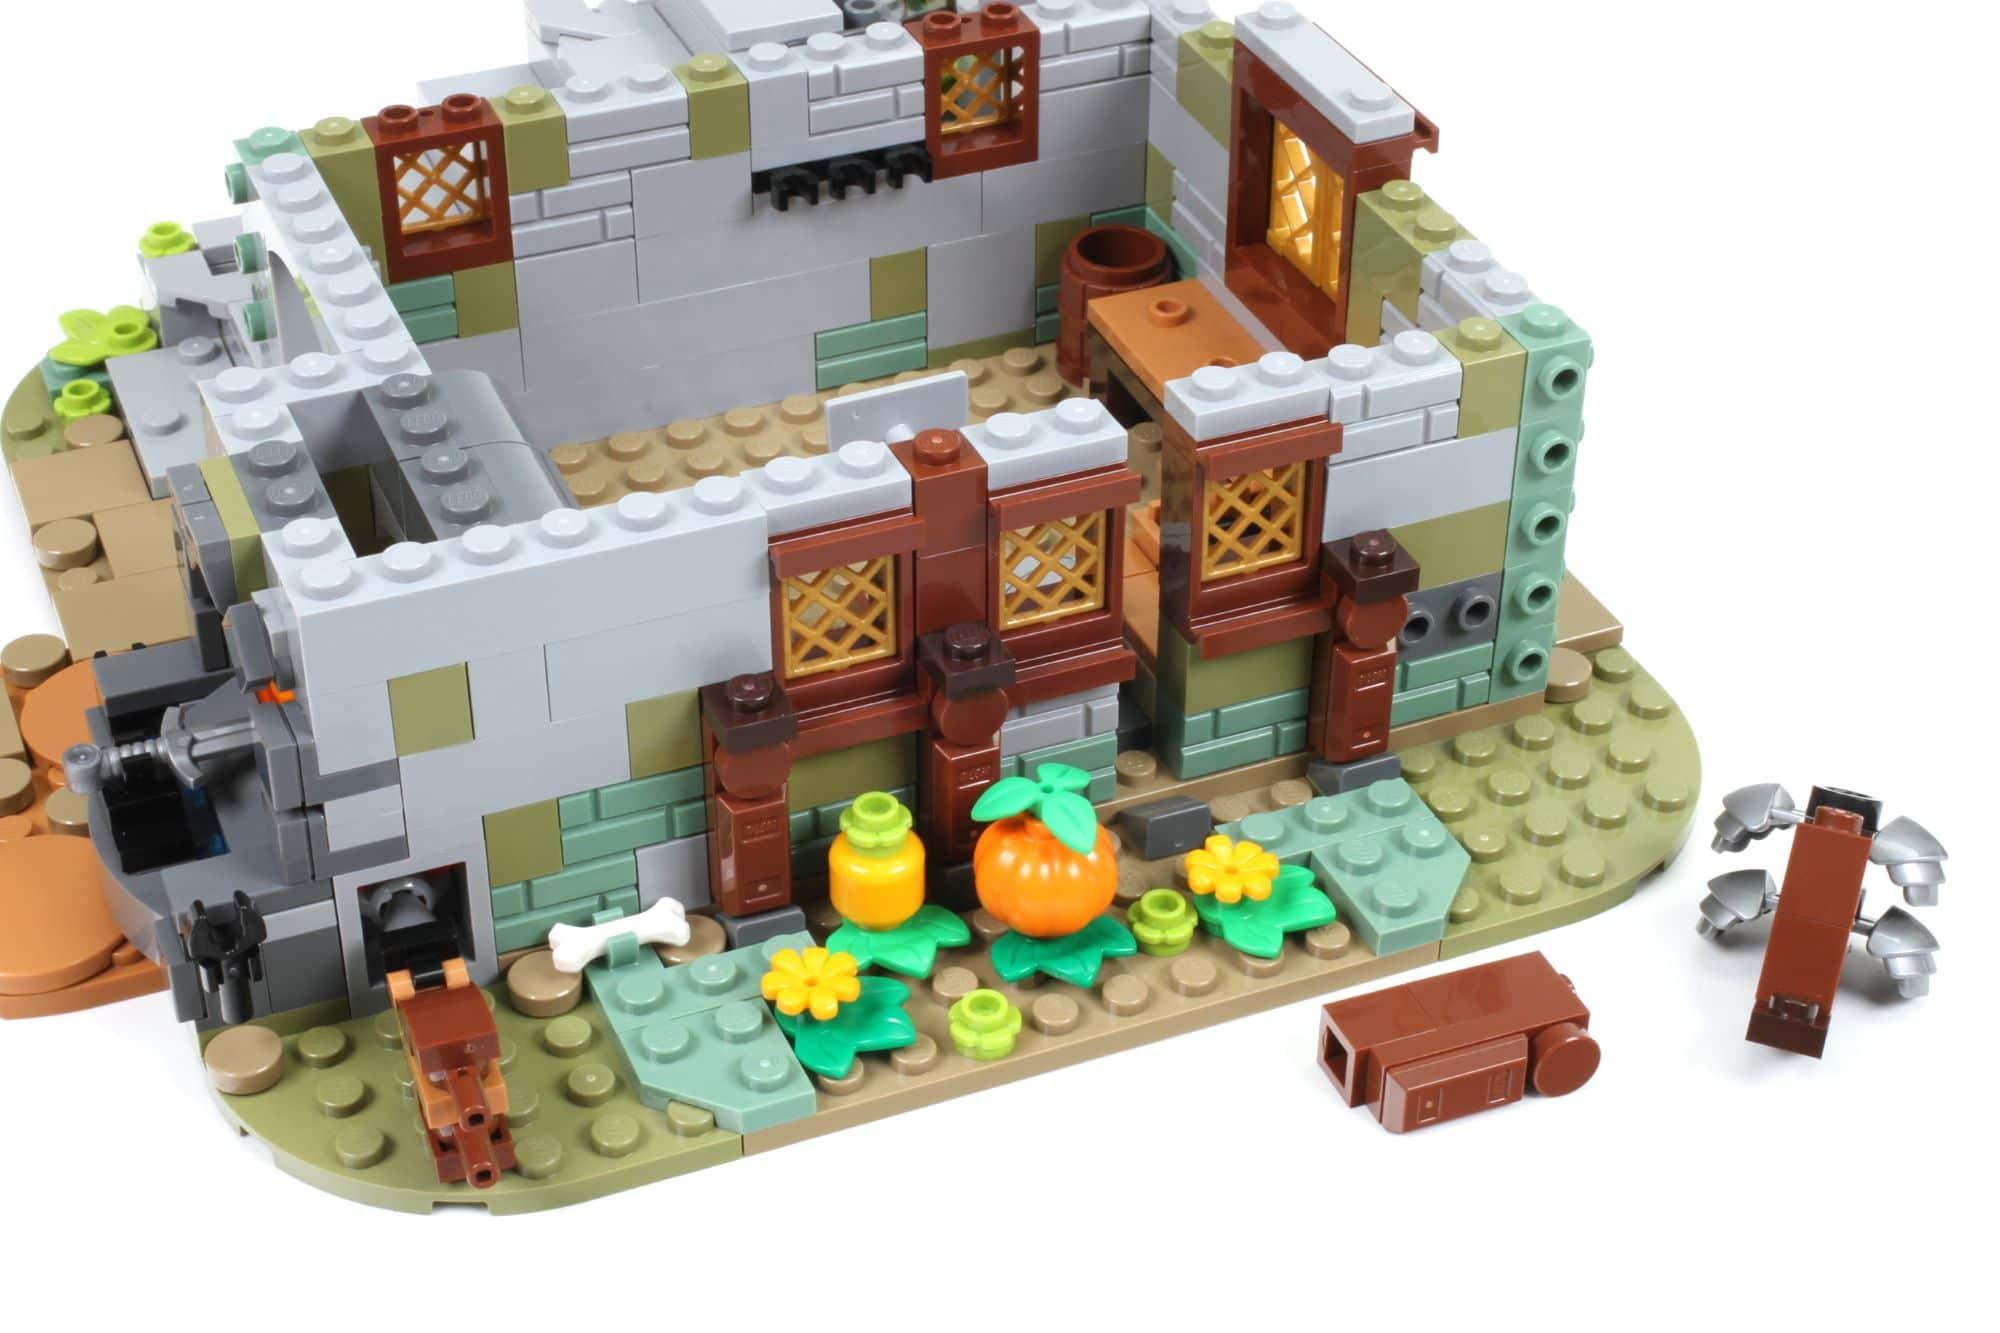 LEGO Ideas 21325 Mittelalterliche Schmiede Bauabschnitt 3 4